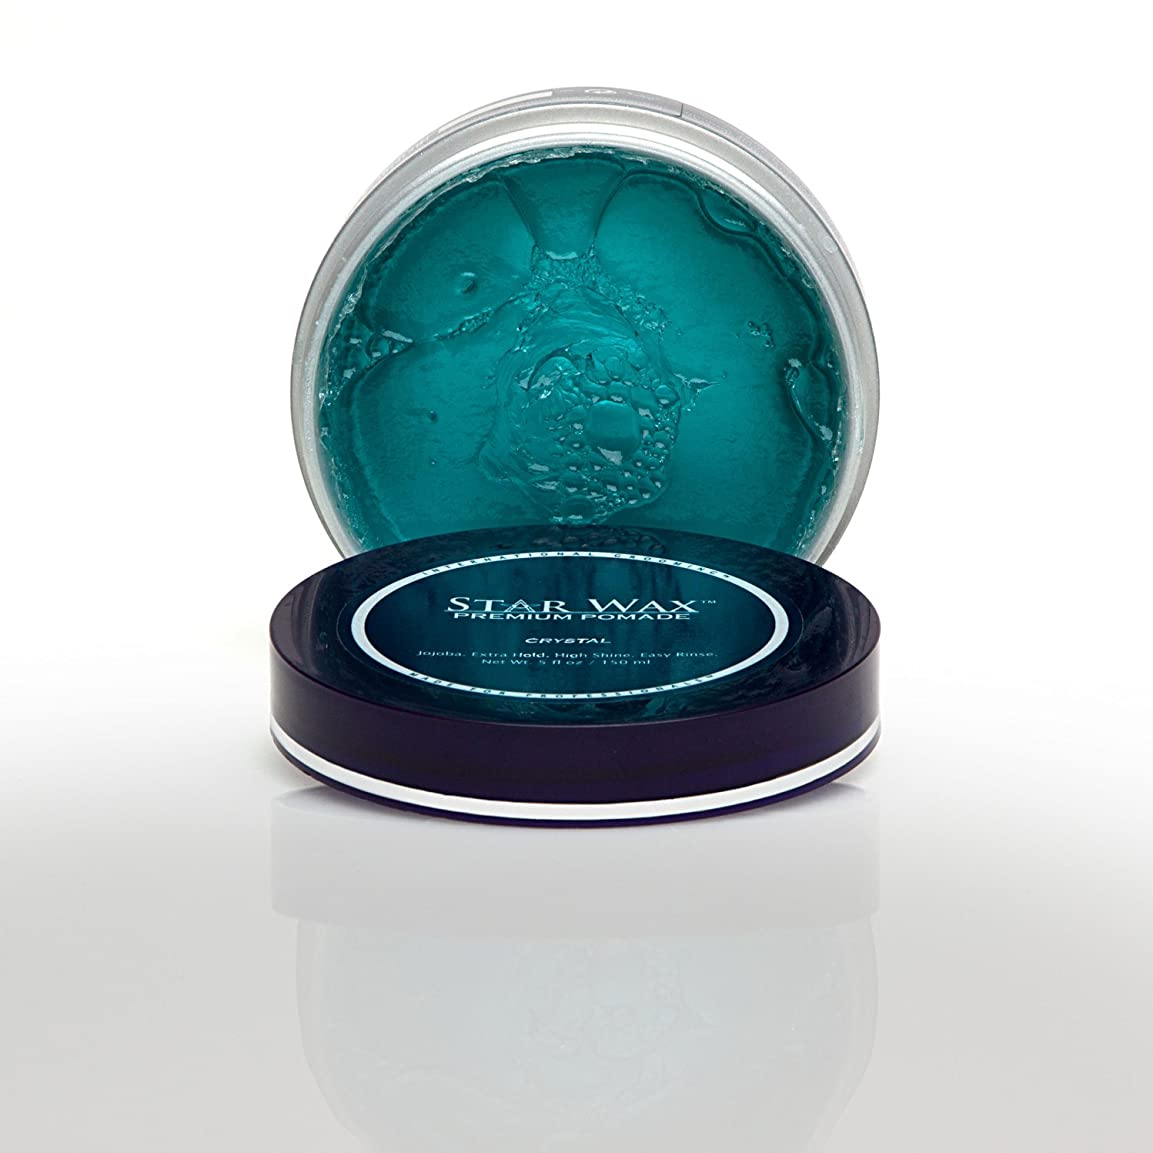 ジョセフバンクス過言アクセサリーStar Wax | Premium Pomade, Crystal(スターワックスプレミアム ポマード「クリスタル」)?Star Pro Line(スタープロライン)製?5(液量)オンス/150ml